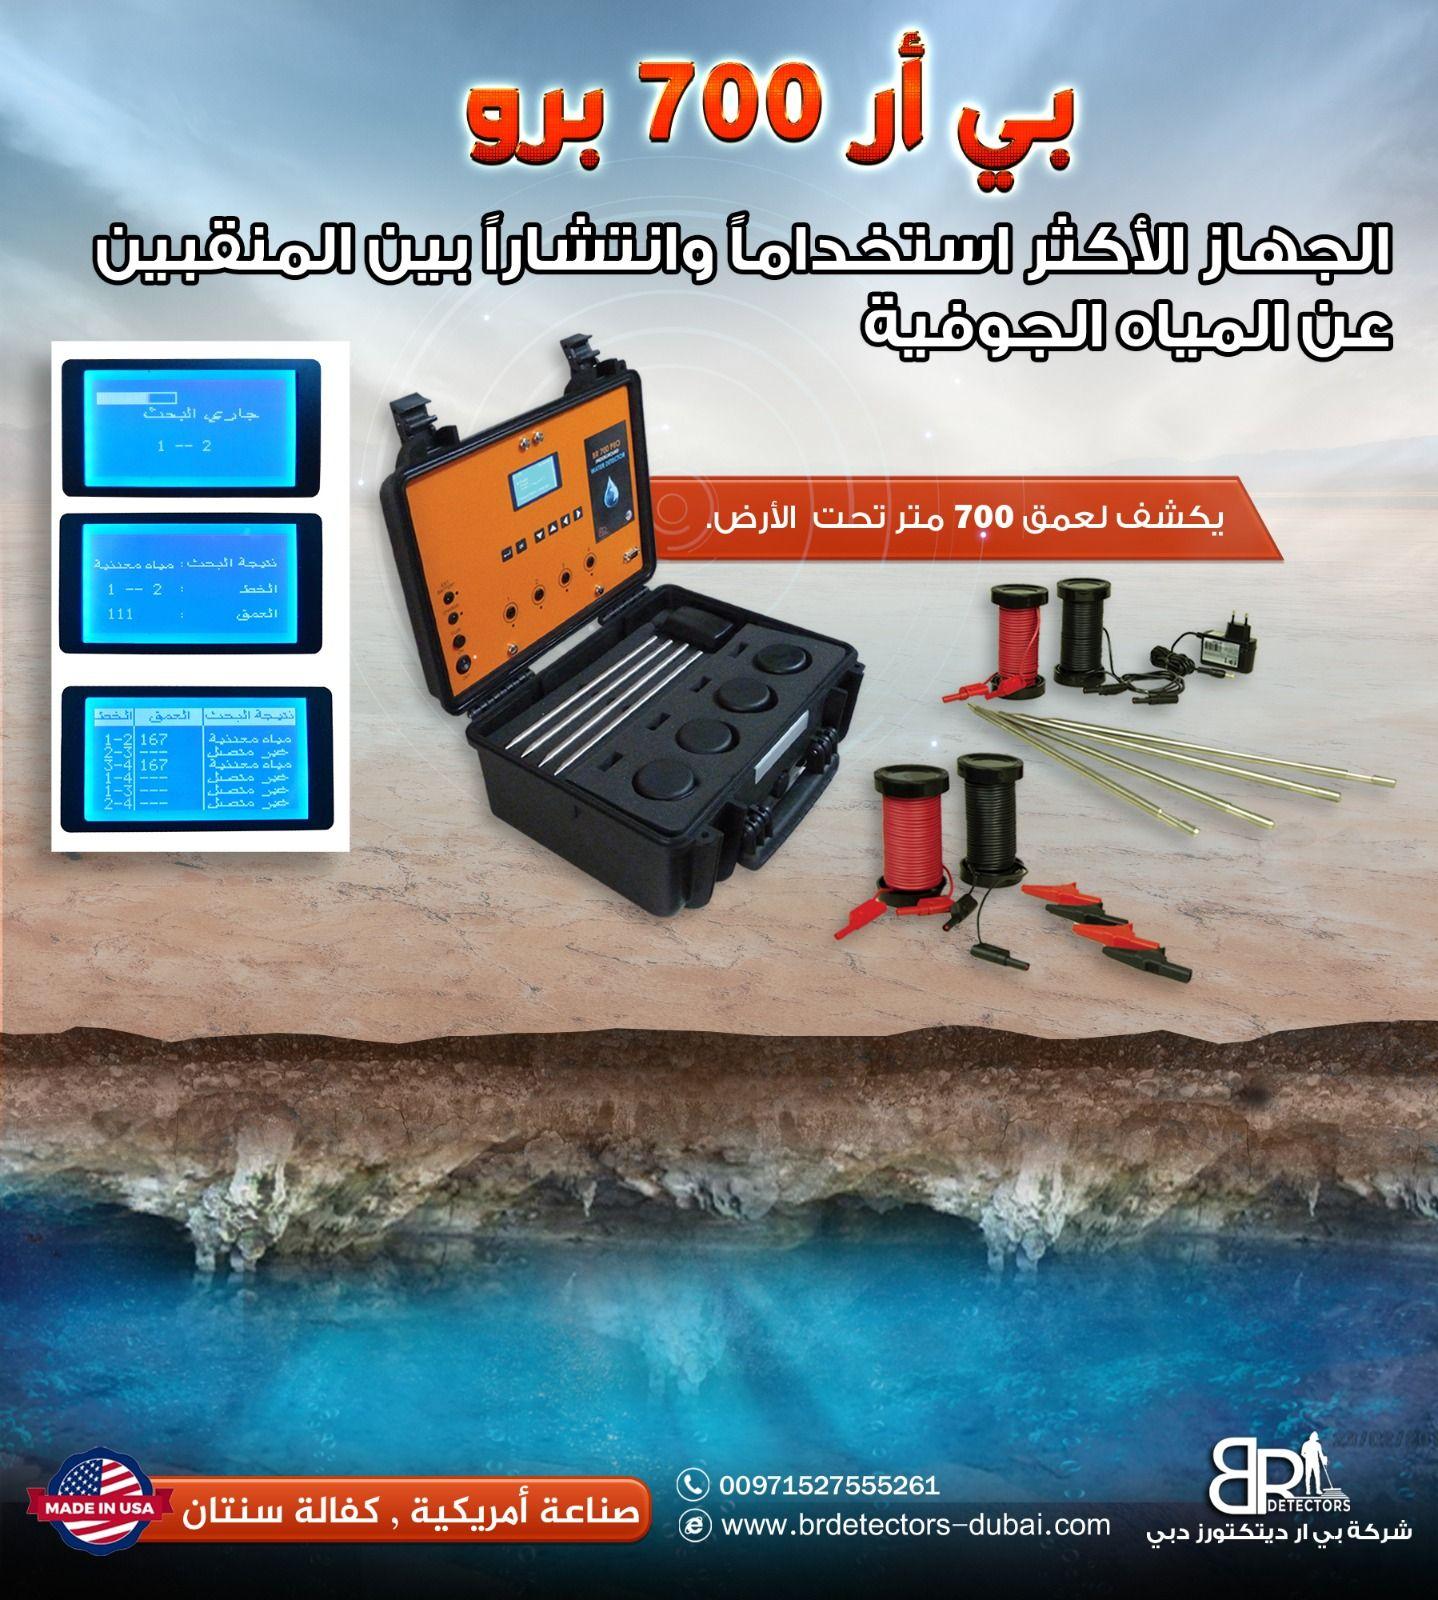 جهاز كشف المياه الجوفية في عمان بي ار 700 برو In 2021 Dubai How To Make